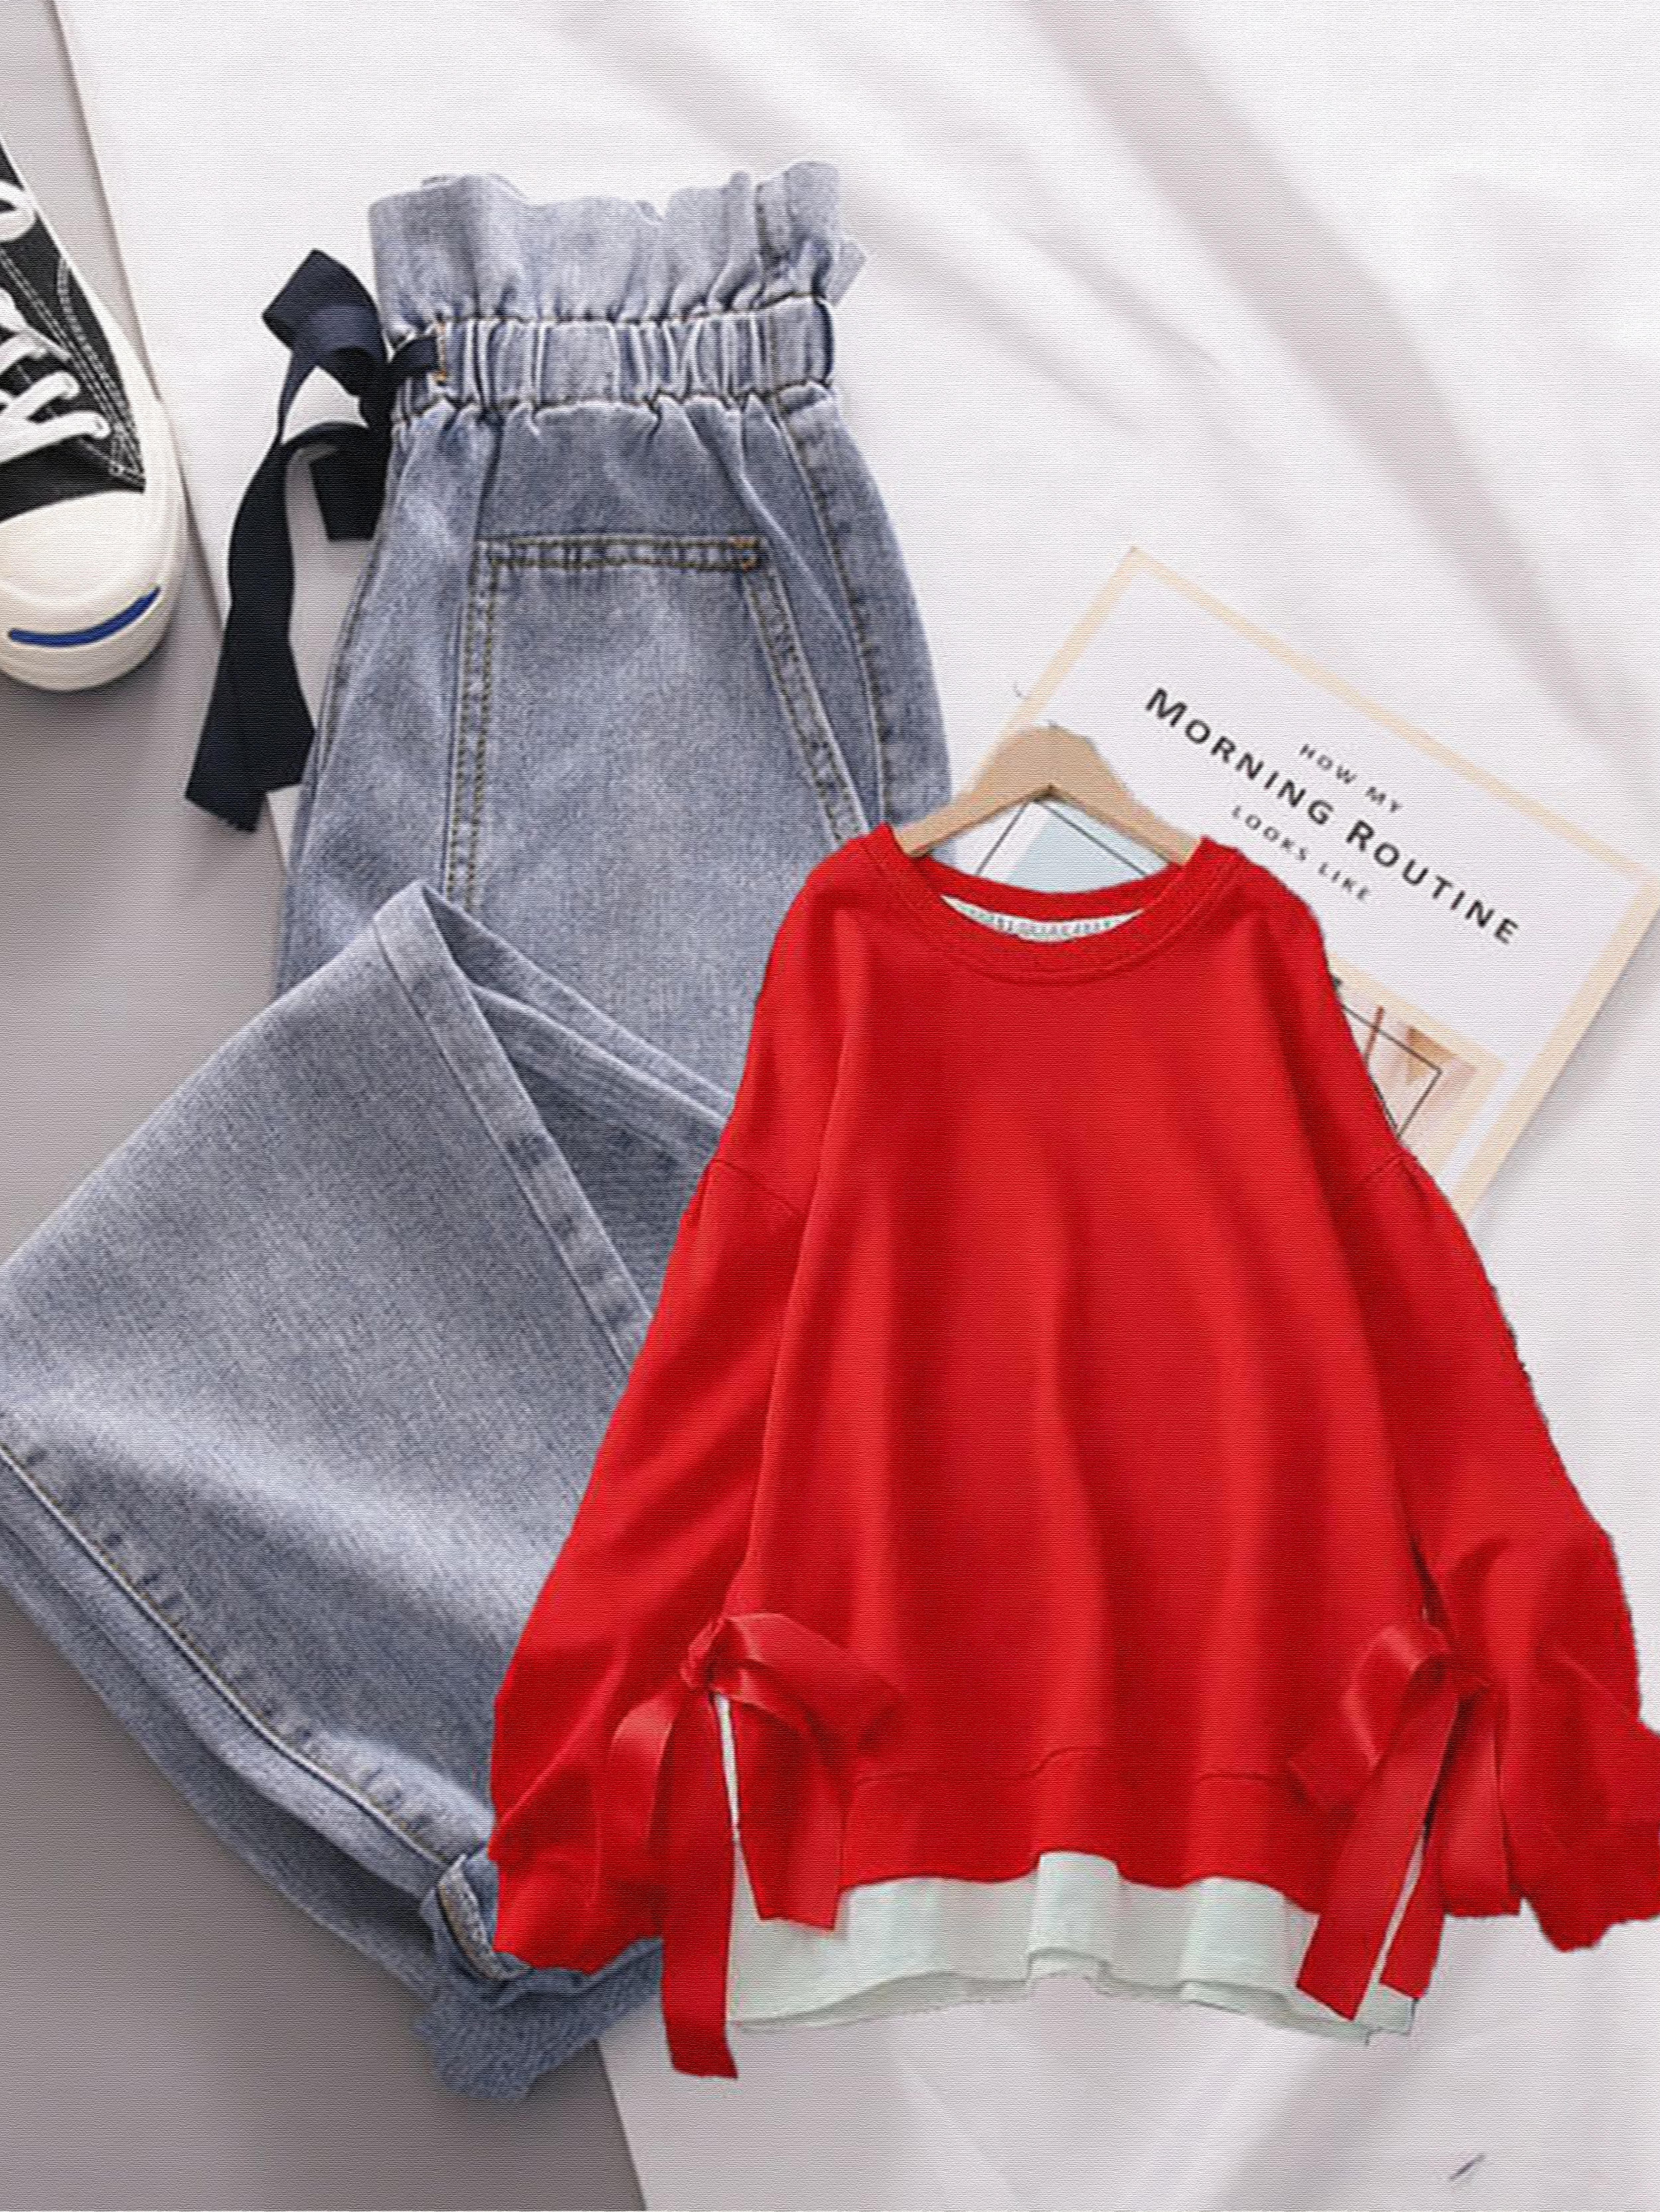 秋冬季新款假两件拼接系带卫衣花苞哈伦牛仔裤两件时尚套装女